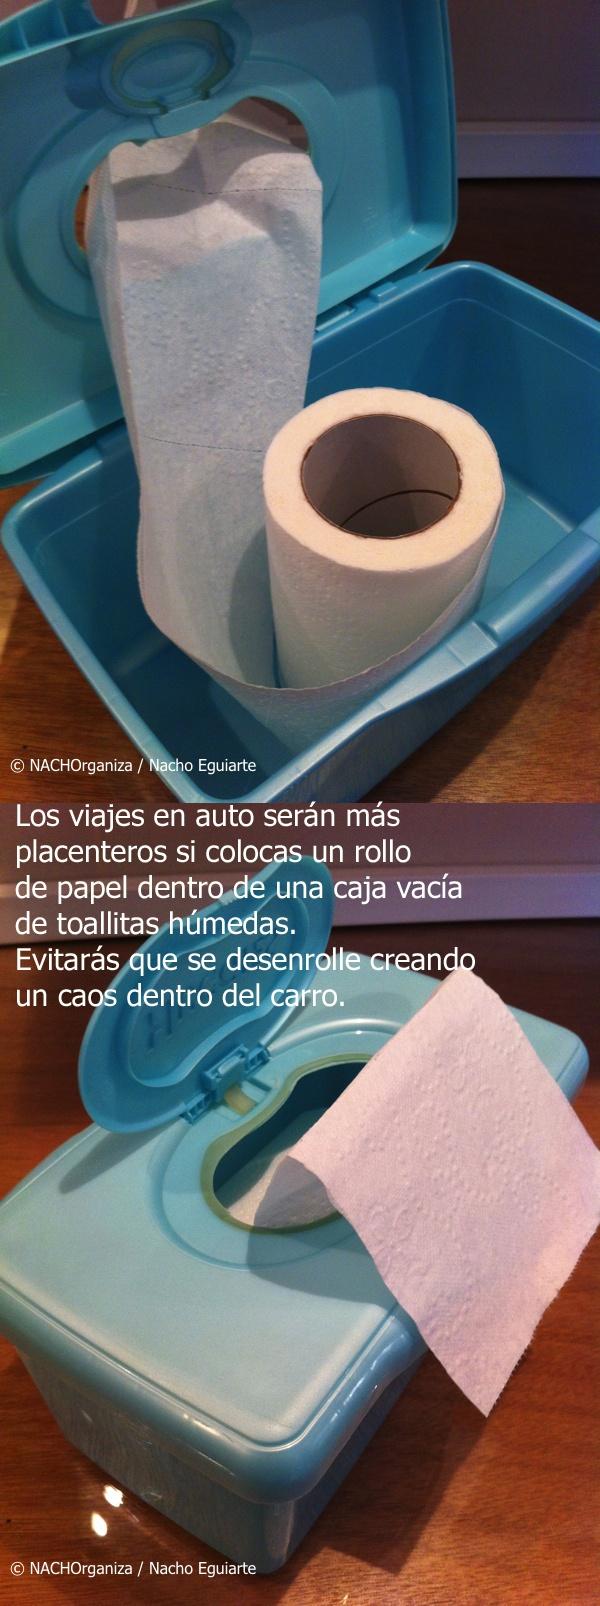 Los viajes en auto serán más  placenteros si colocas un rollo  de papel dentro de una caja vacía  de toallitas húmedas.  Evitarás que se desenrolle creando  un caos dentro del carro.